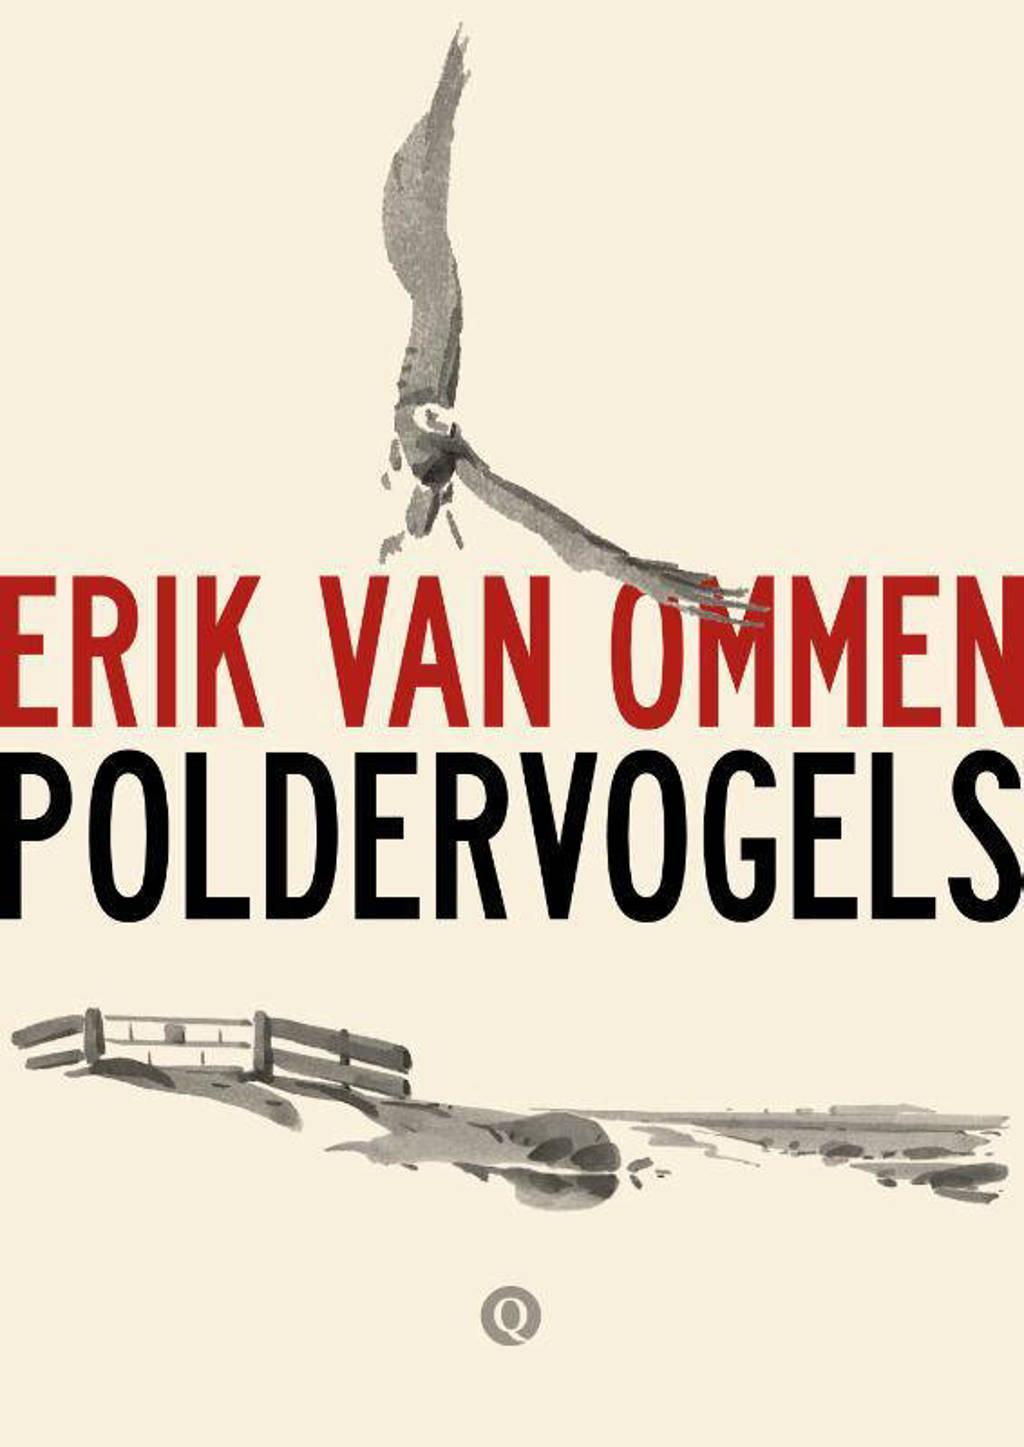 Poldervogels - Erik van Ommen